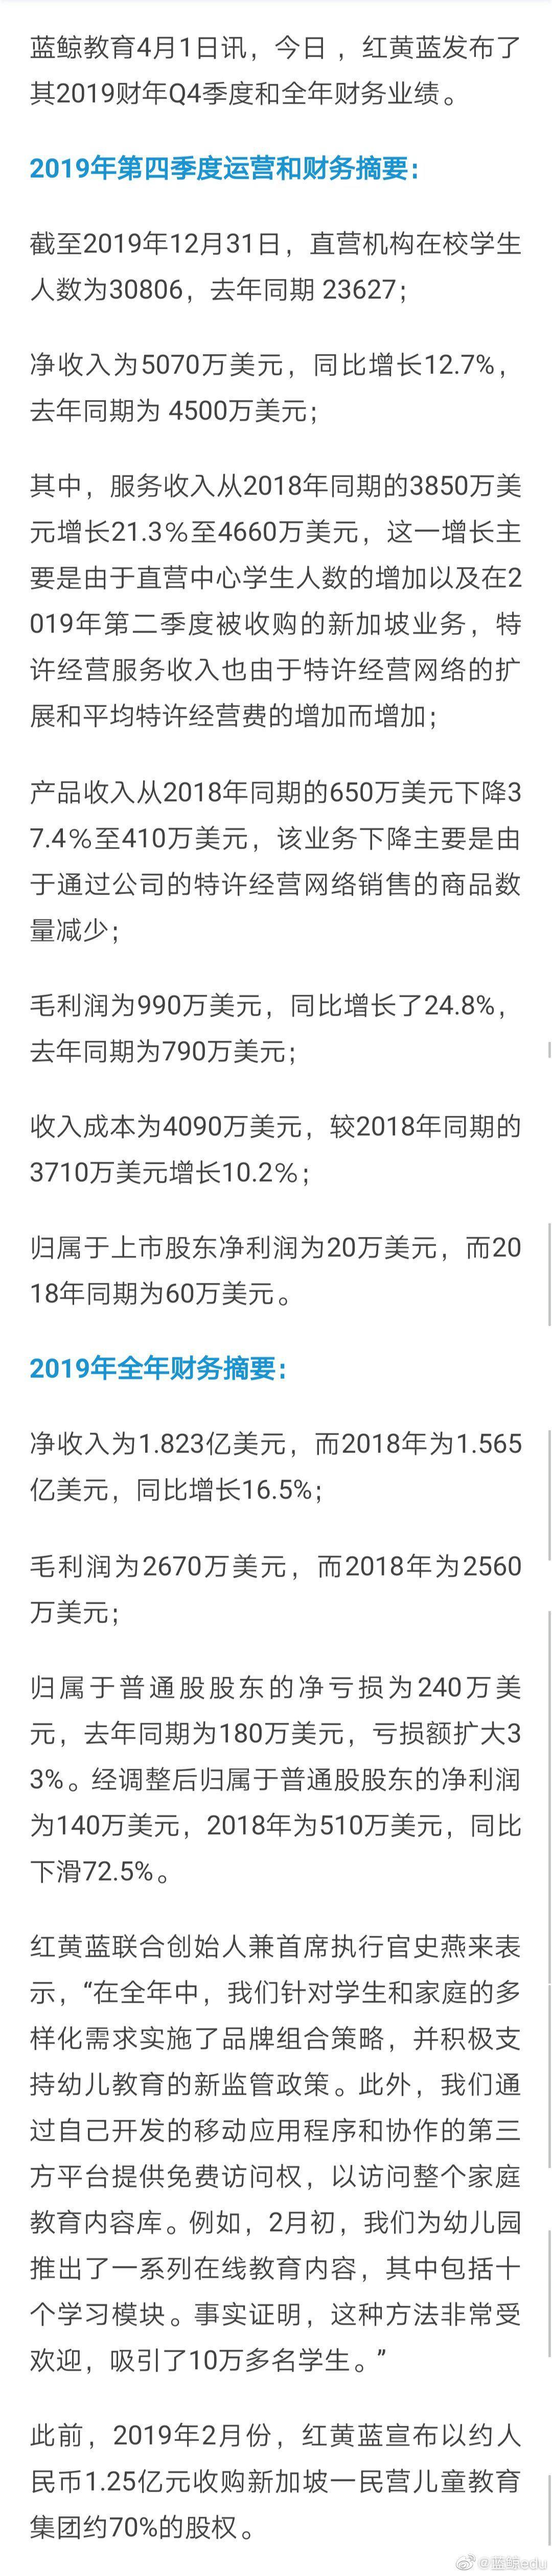 红黄蓝2019年营收增16.5%净亏损扩大33%